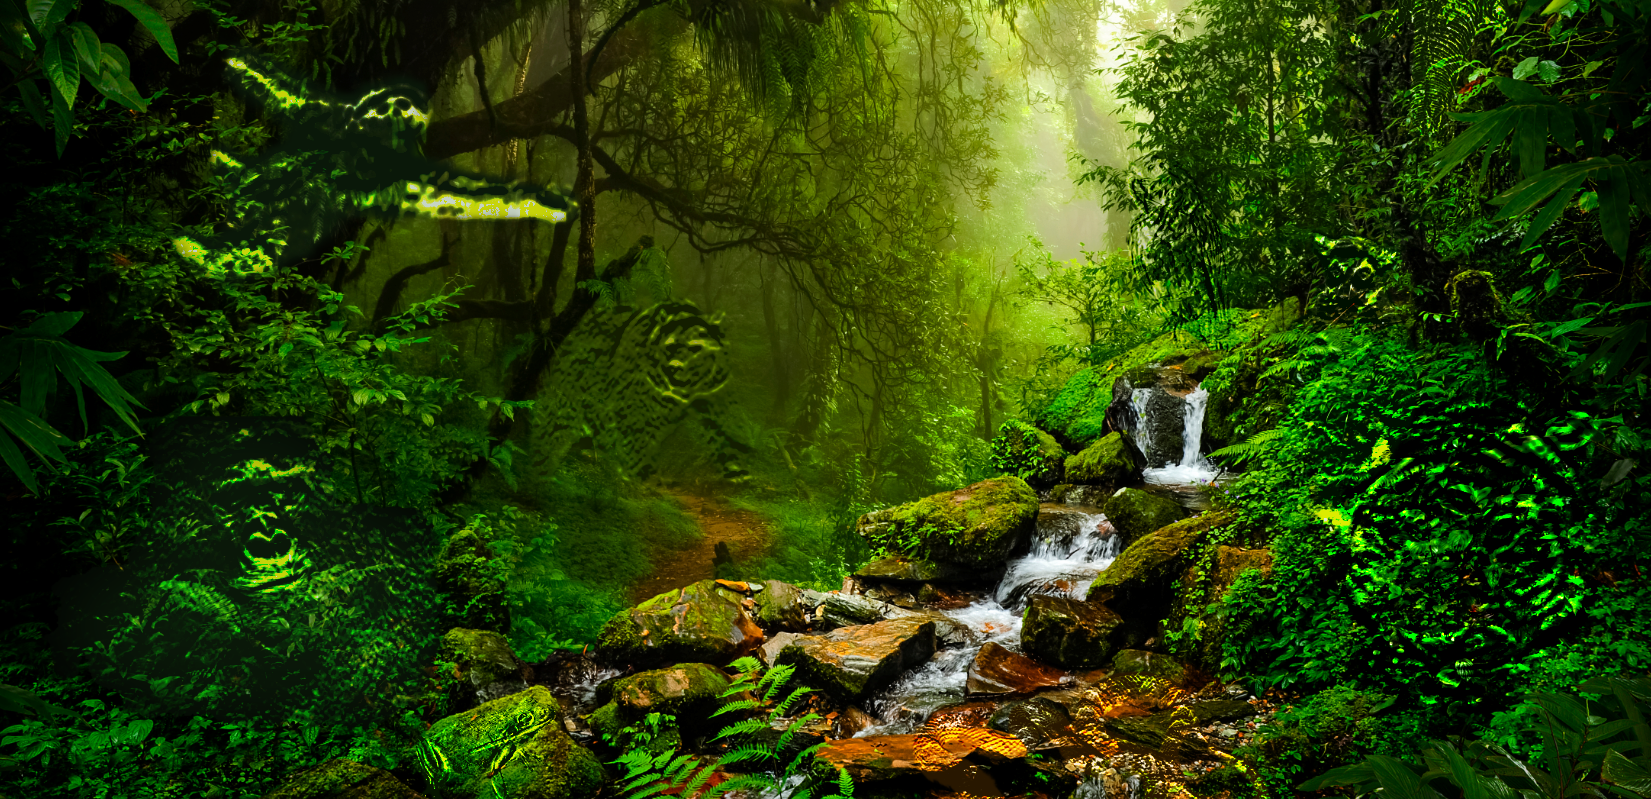 https://ngiatlantic.eu/sites/default/files/revslider/image/Rainforest%20NGIa%20webside%20slider.png